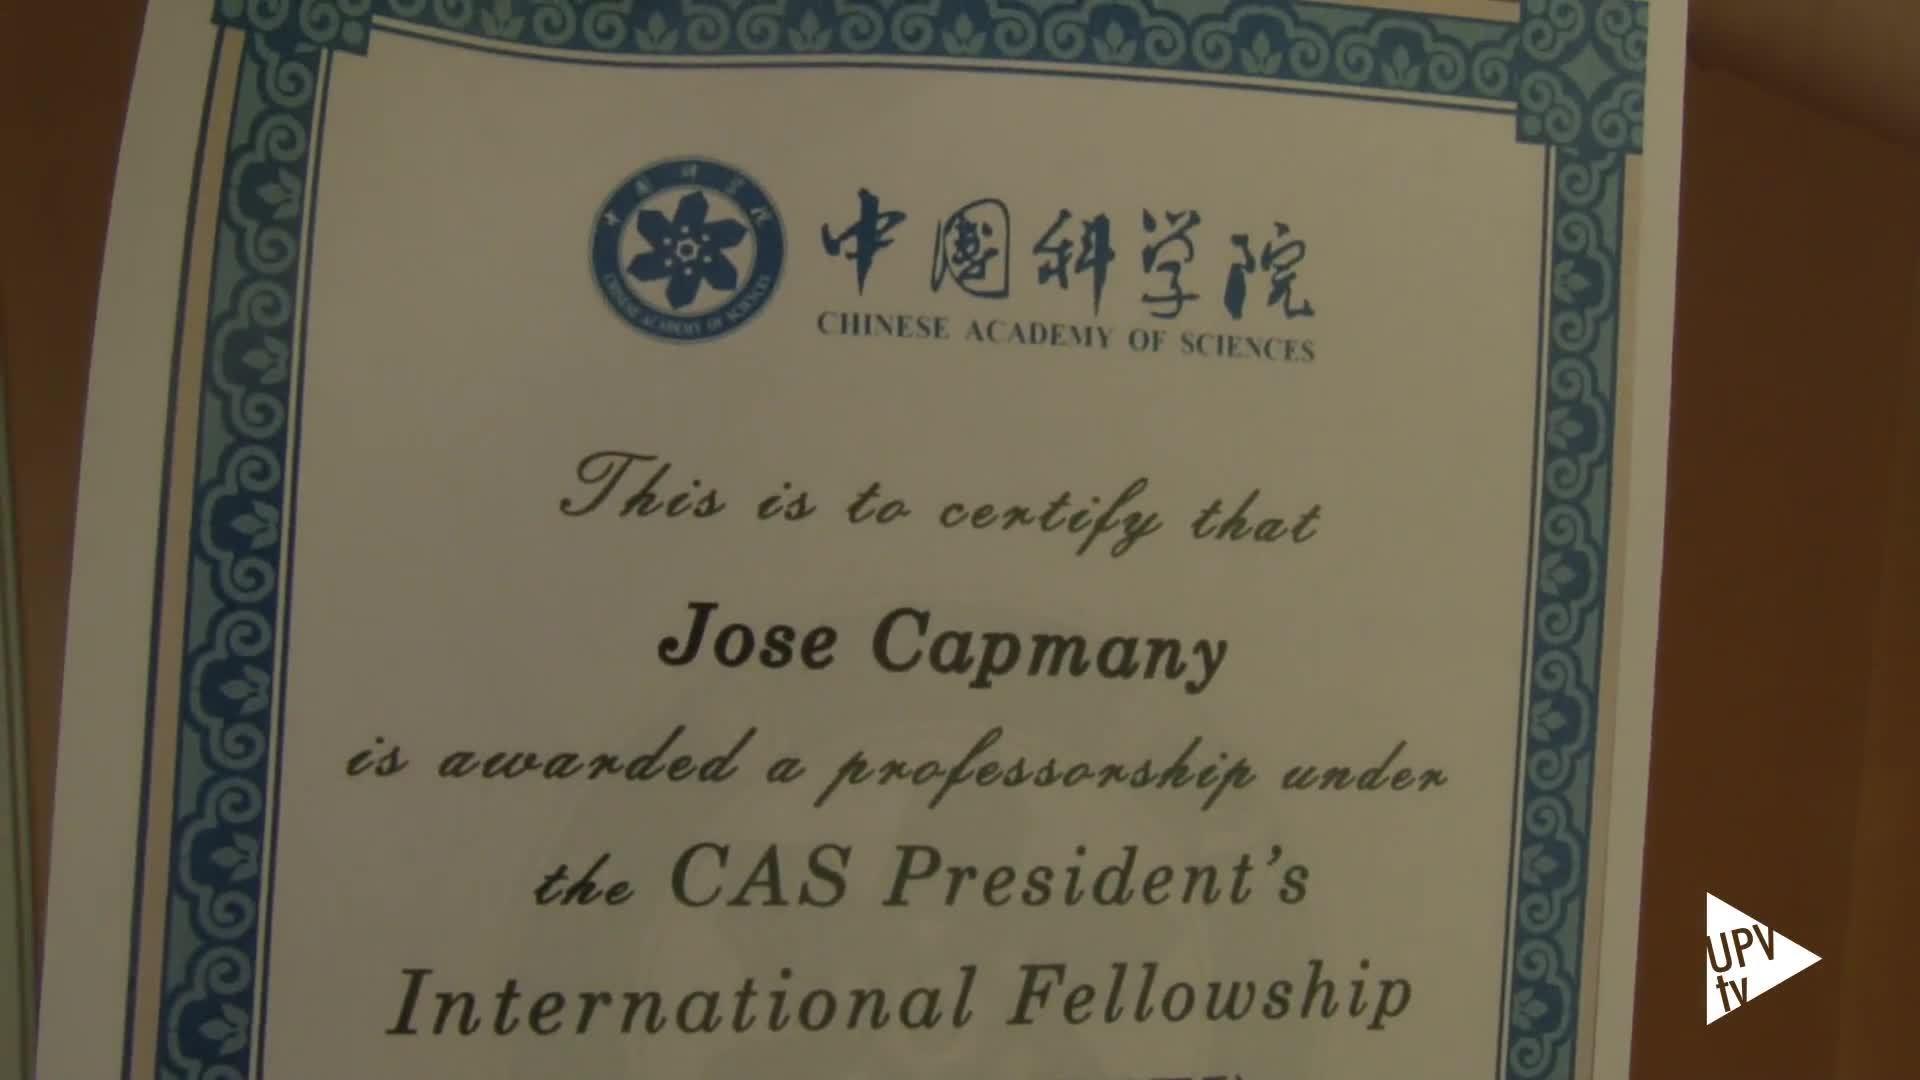 04-05-2015 Distinción a José Capmany